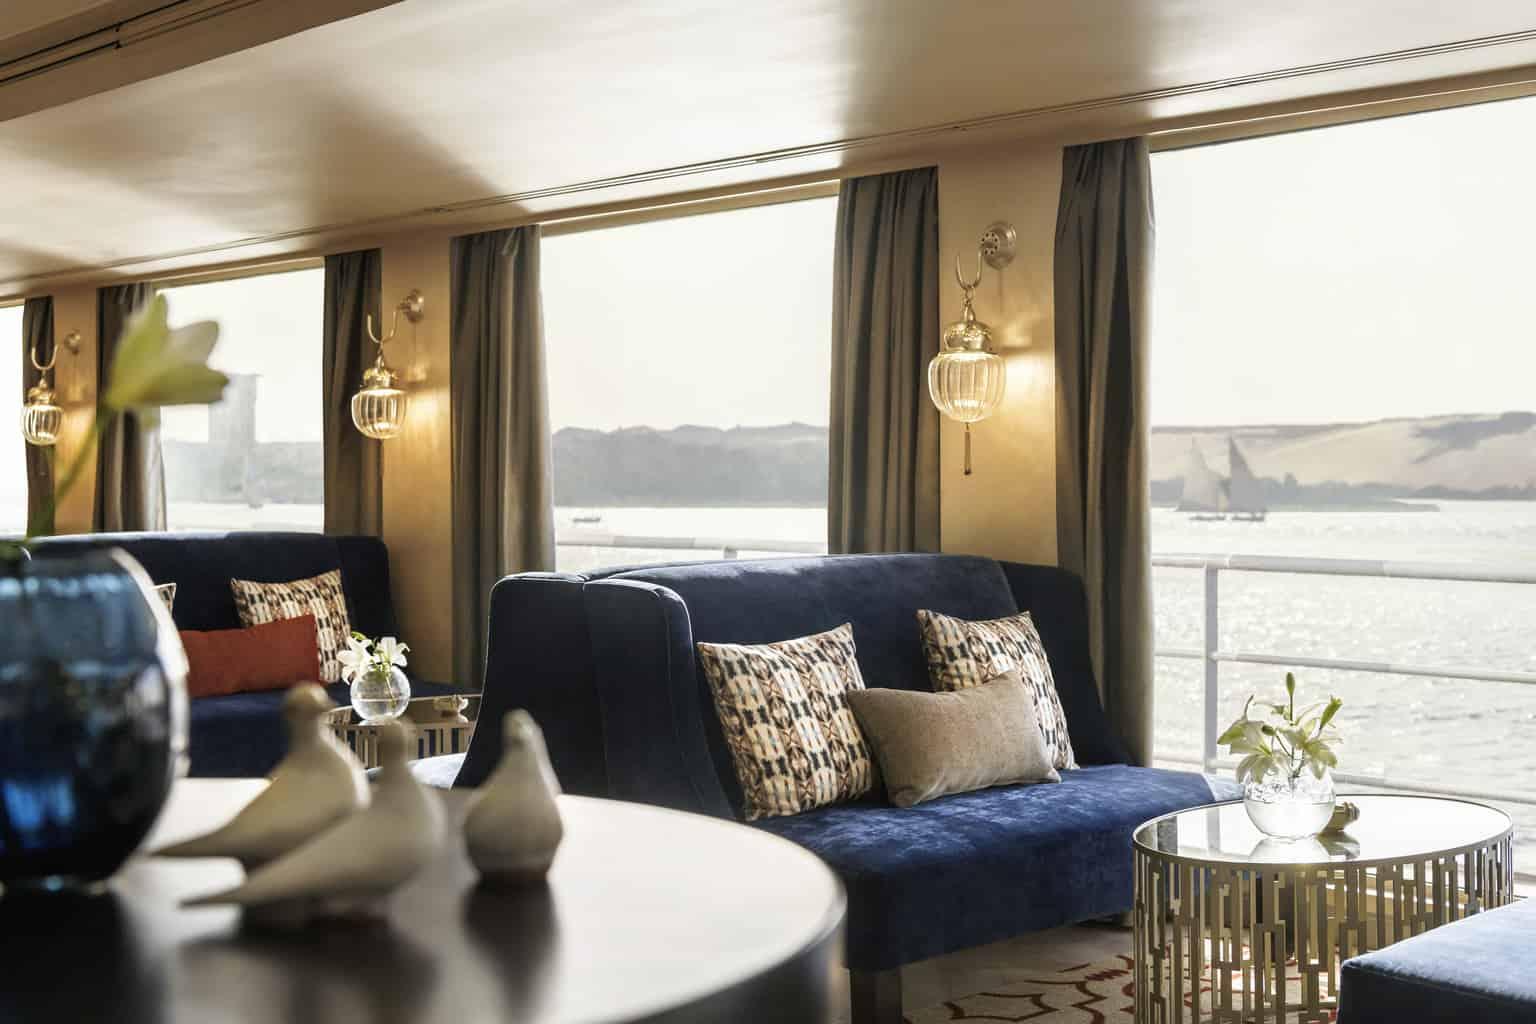 O-Sanctuary-Sun-Boat-IV-tem-design-contemporâneo-influenciado-pelo-estilo-Art-Déco.